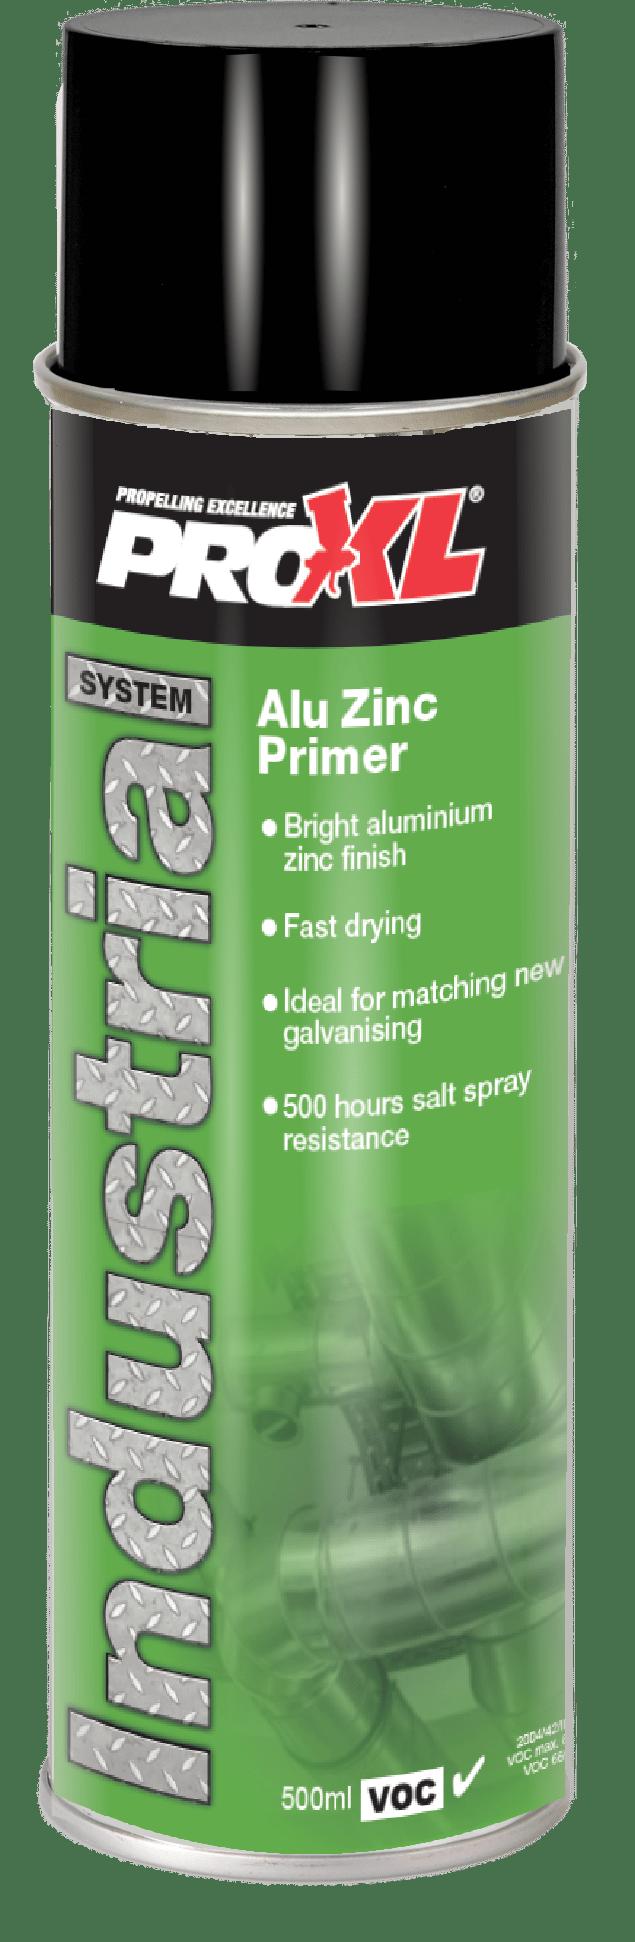 Alu Zinc Aerosol (500ml) Product Image